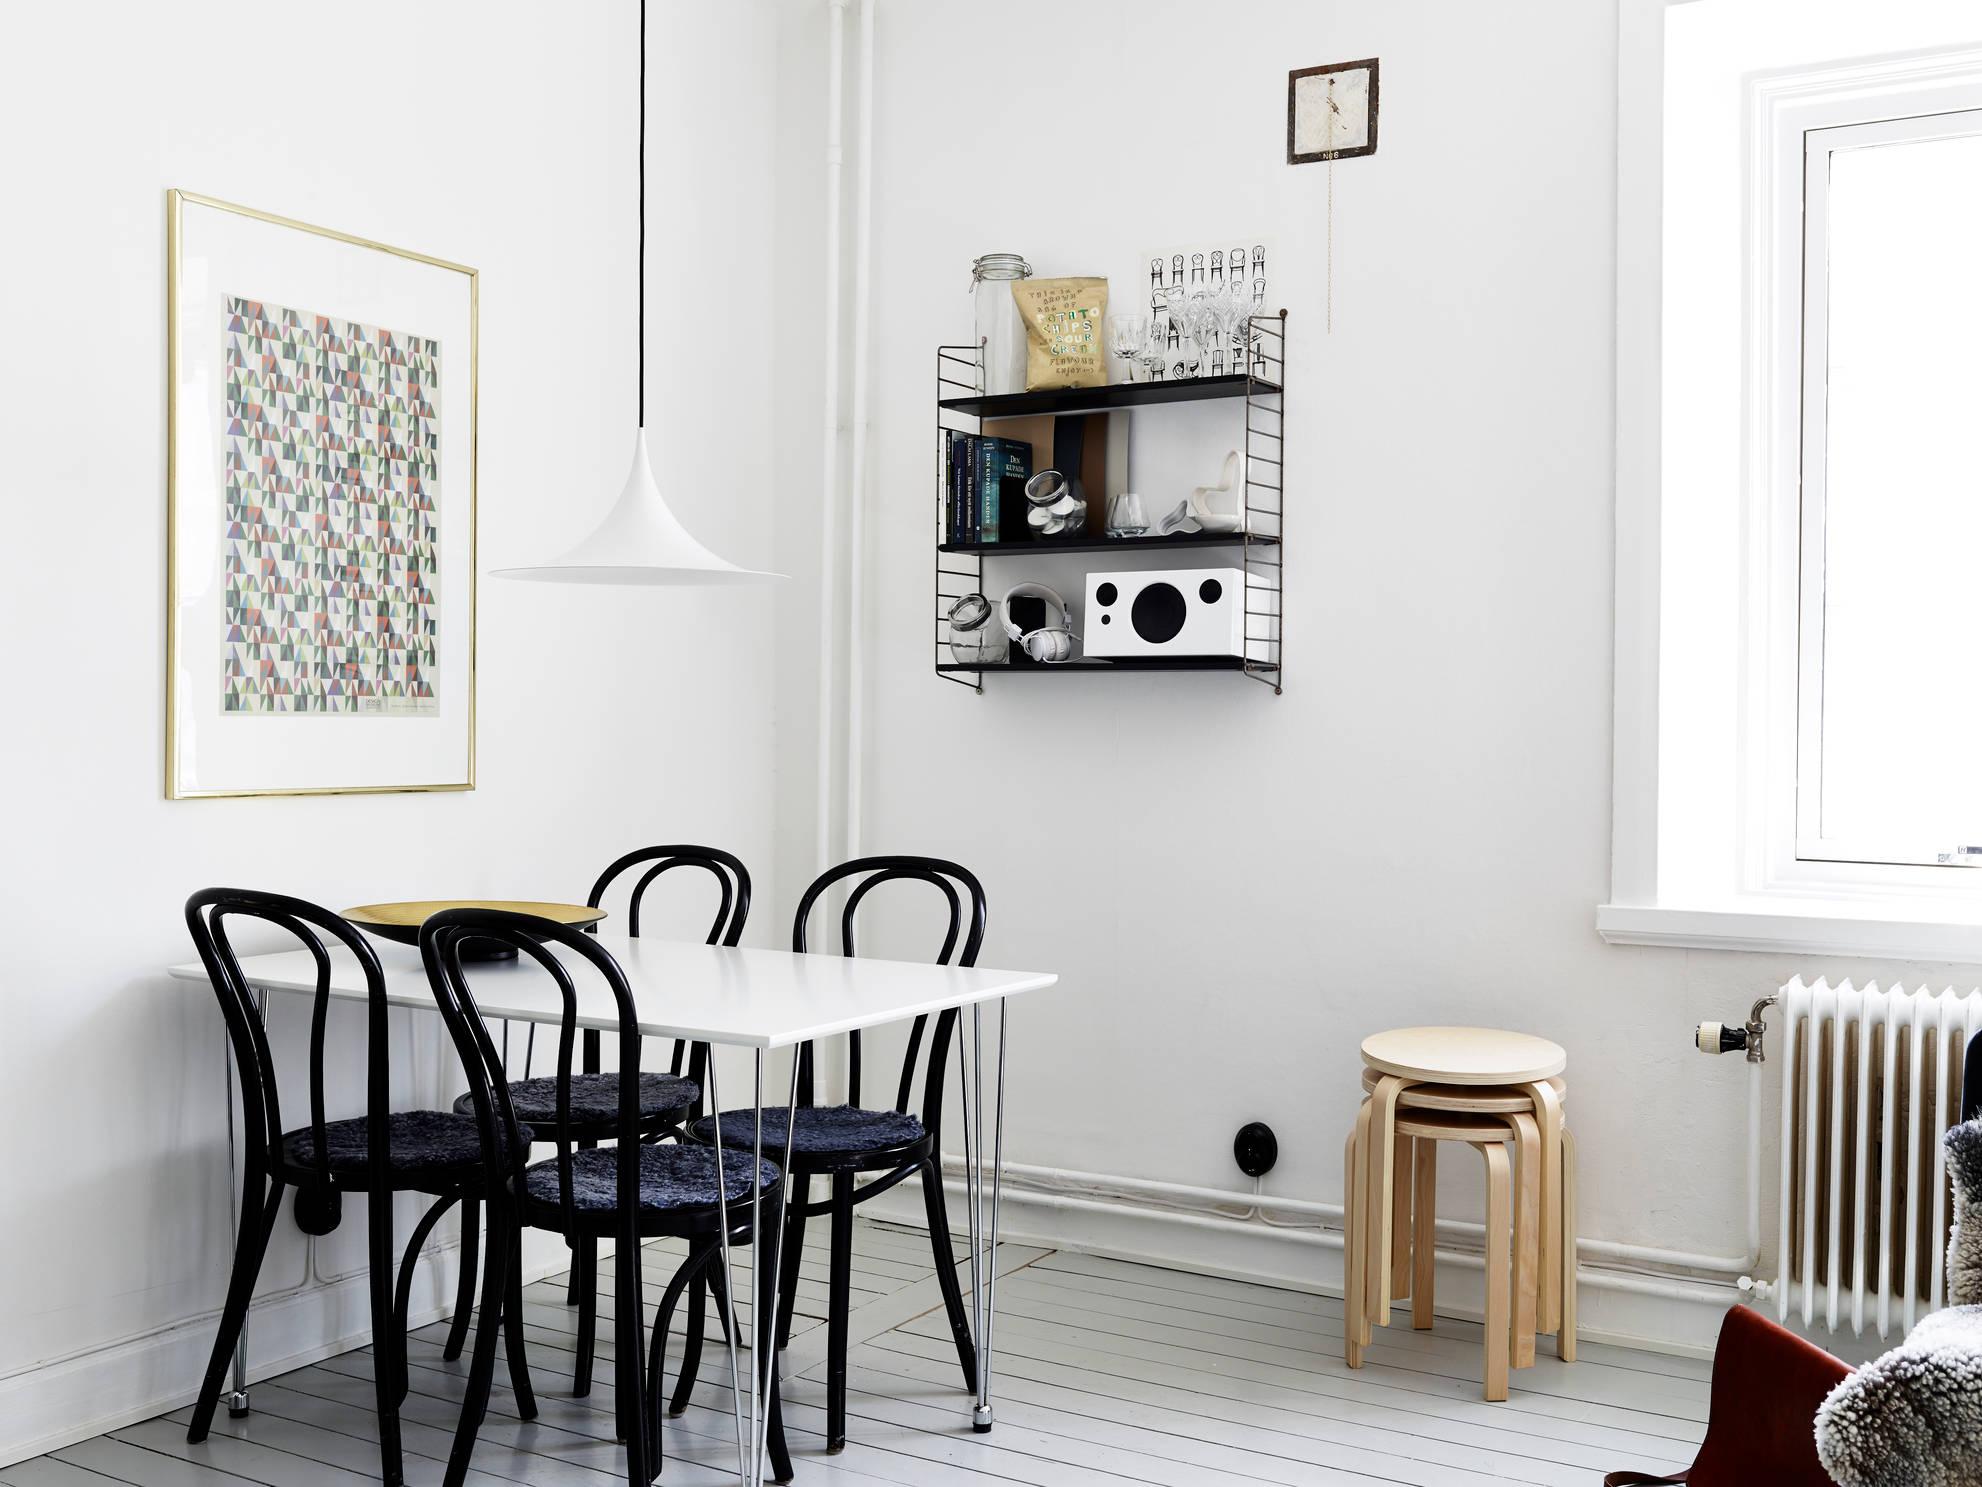 Afzuiging Badkamer Praxis : Afzuiging badkamer praxis hul simple beautiful binti home